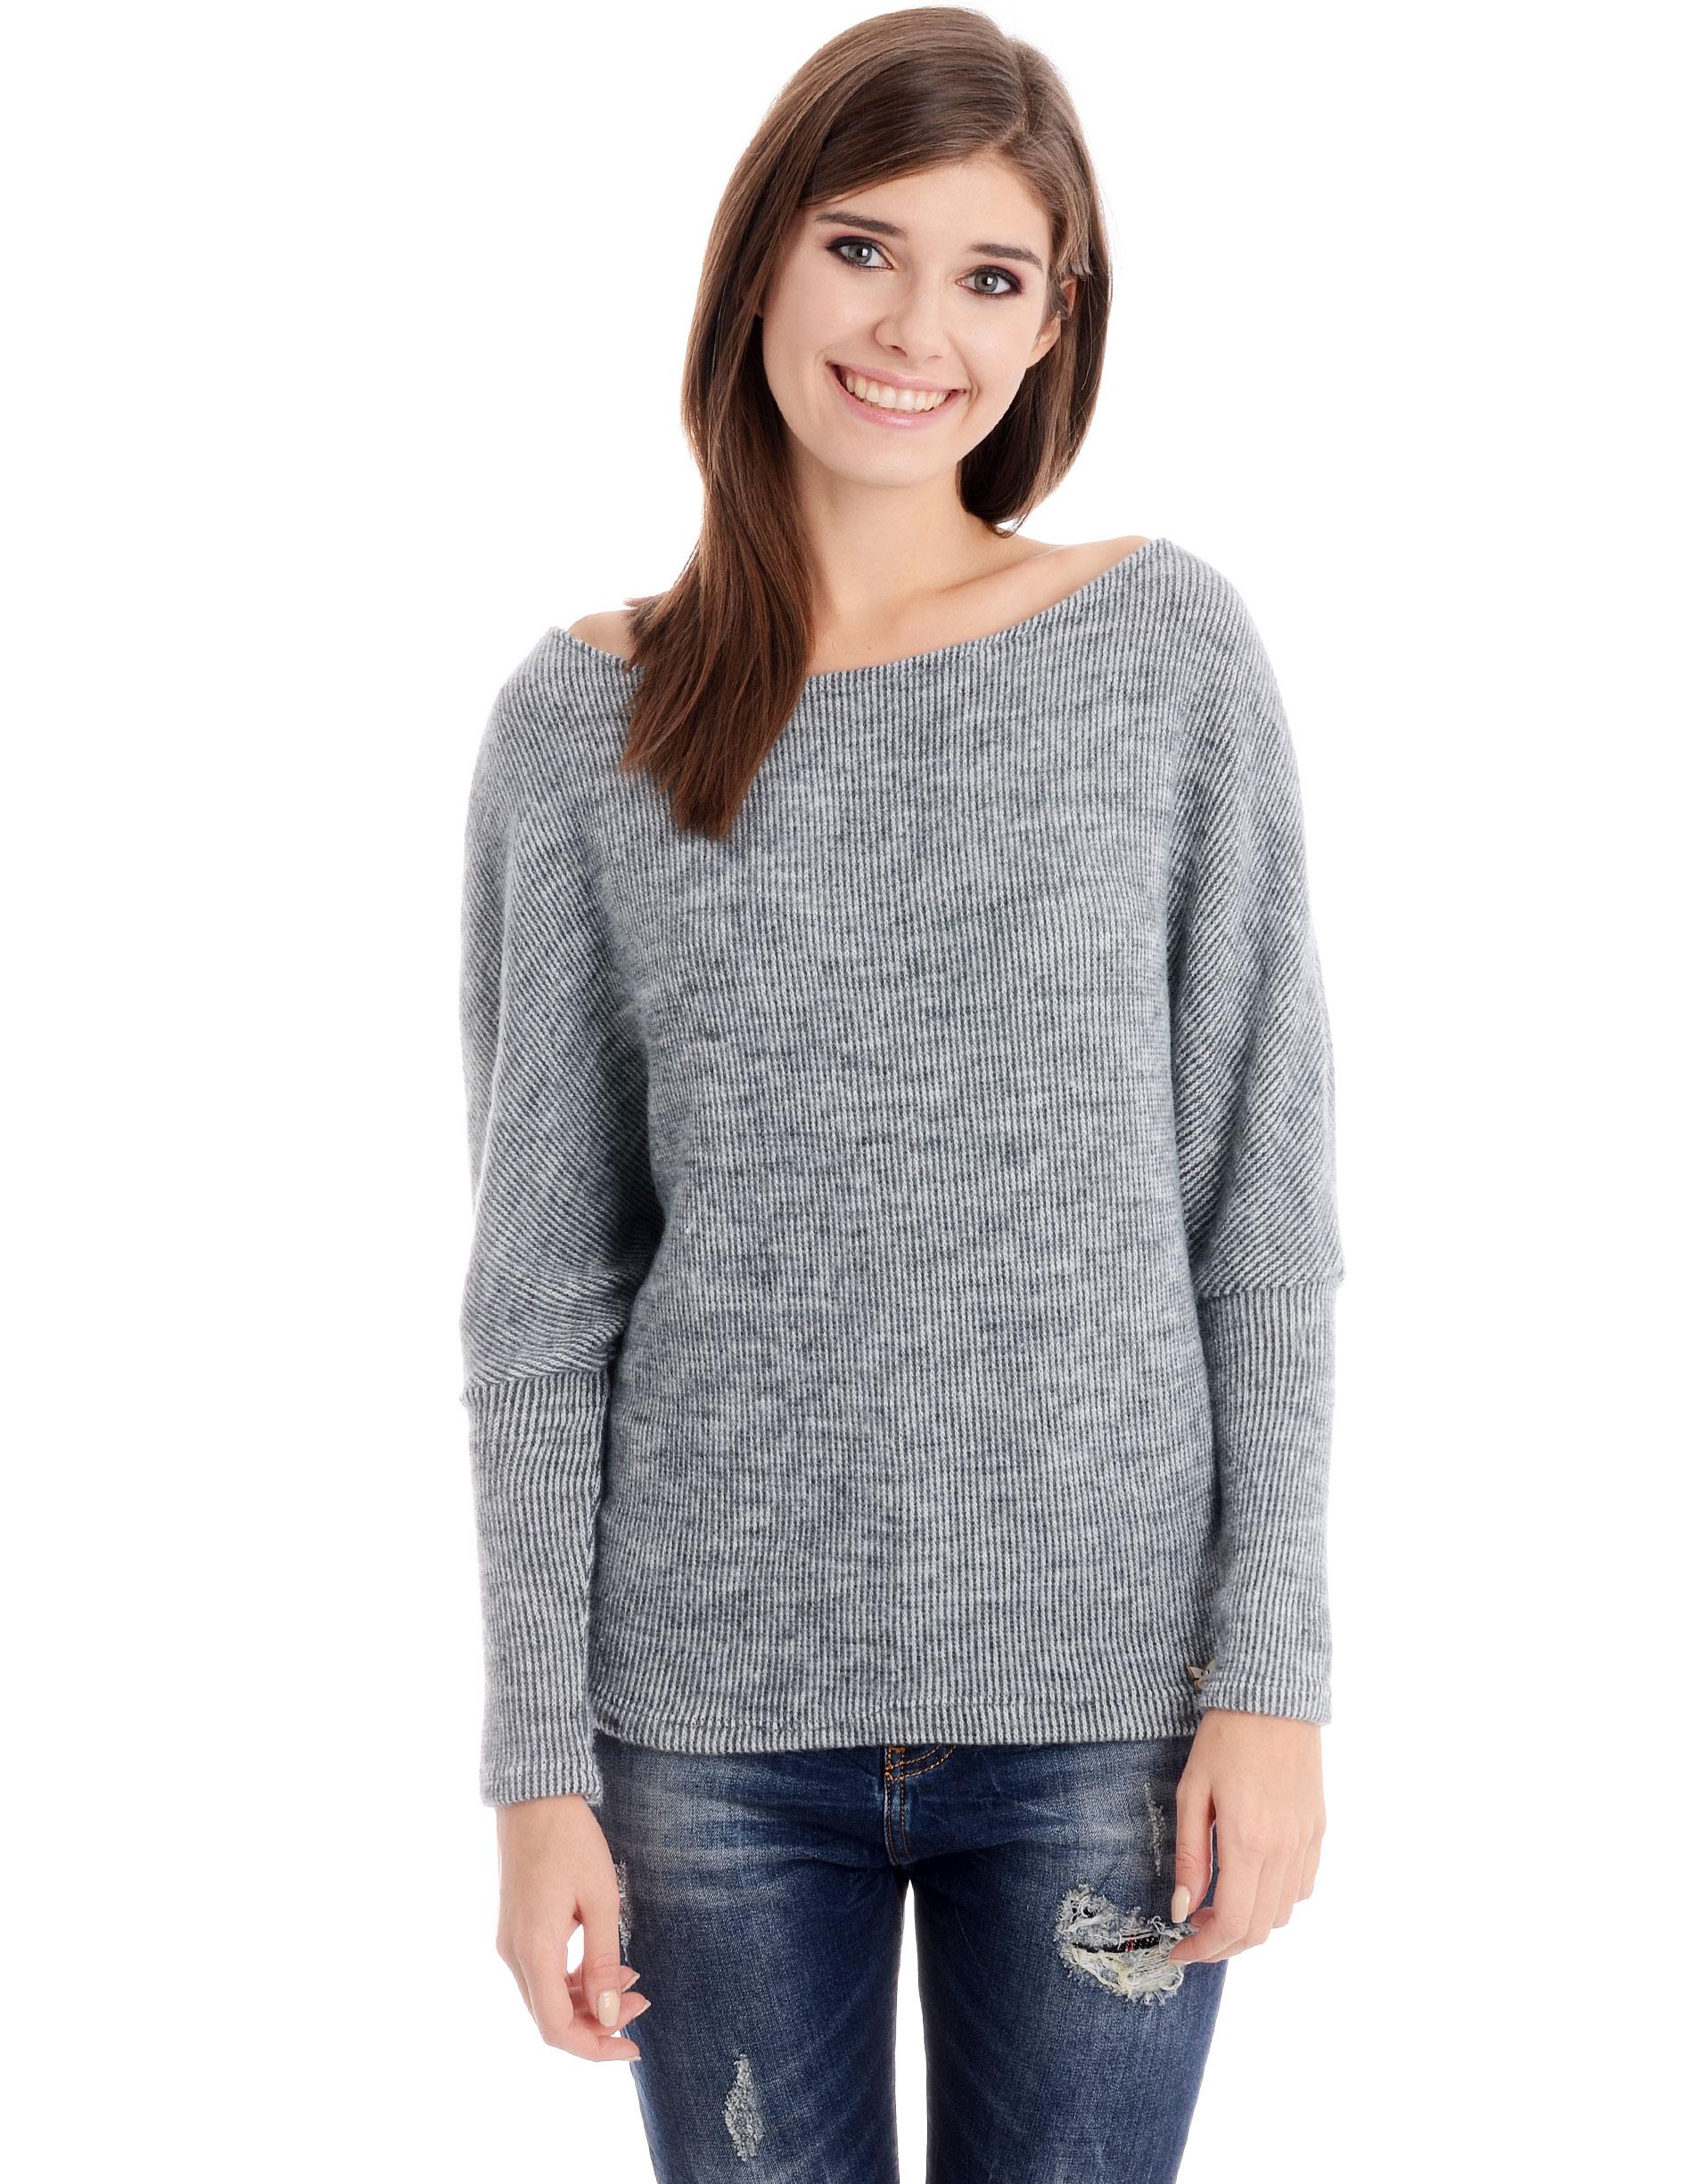 Sweter - 16-179X GR CH - Unisono